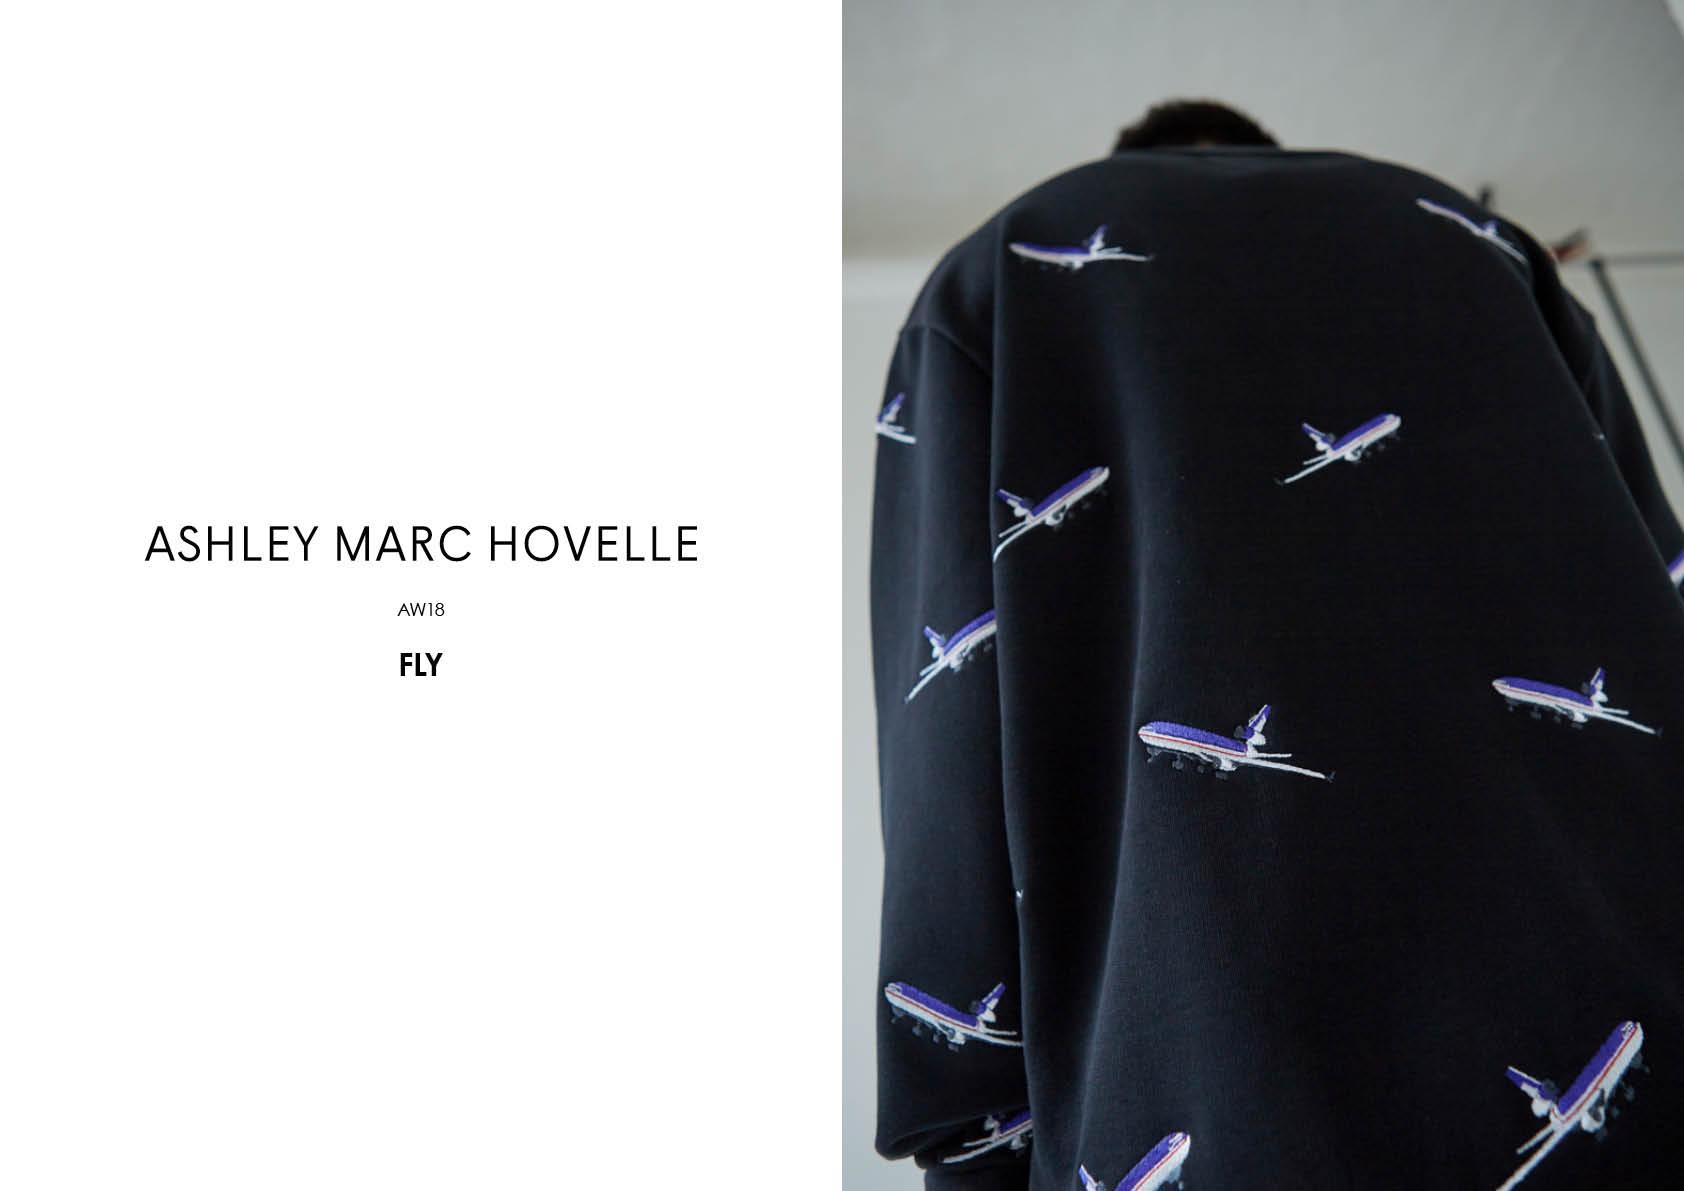 Ashley Marc Hovelle aw18 fly online11.jpg